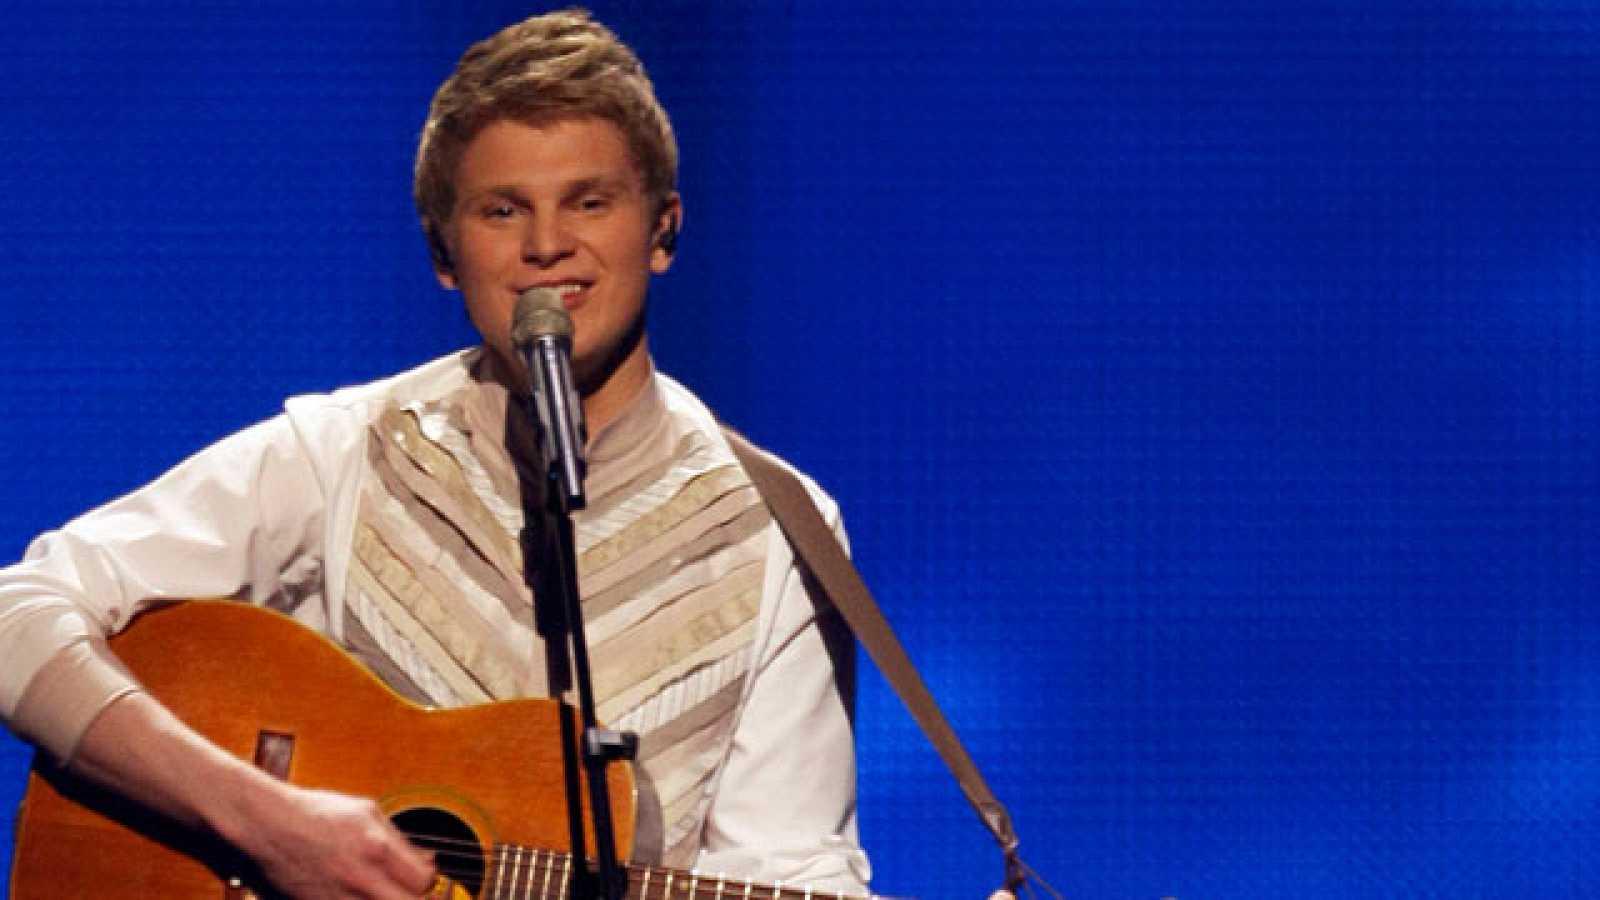 """El solista Paradise Oskar, representante de Finlandia, es quien abrió la espectacular gala de la final de Eurovisión con el tema """"Da da dam"""""""